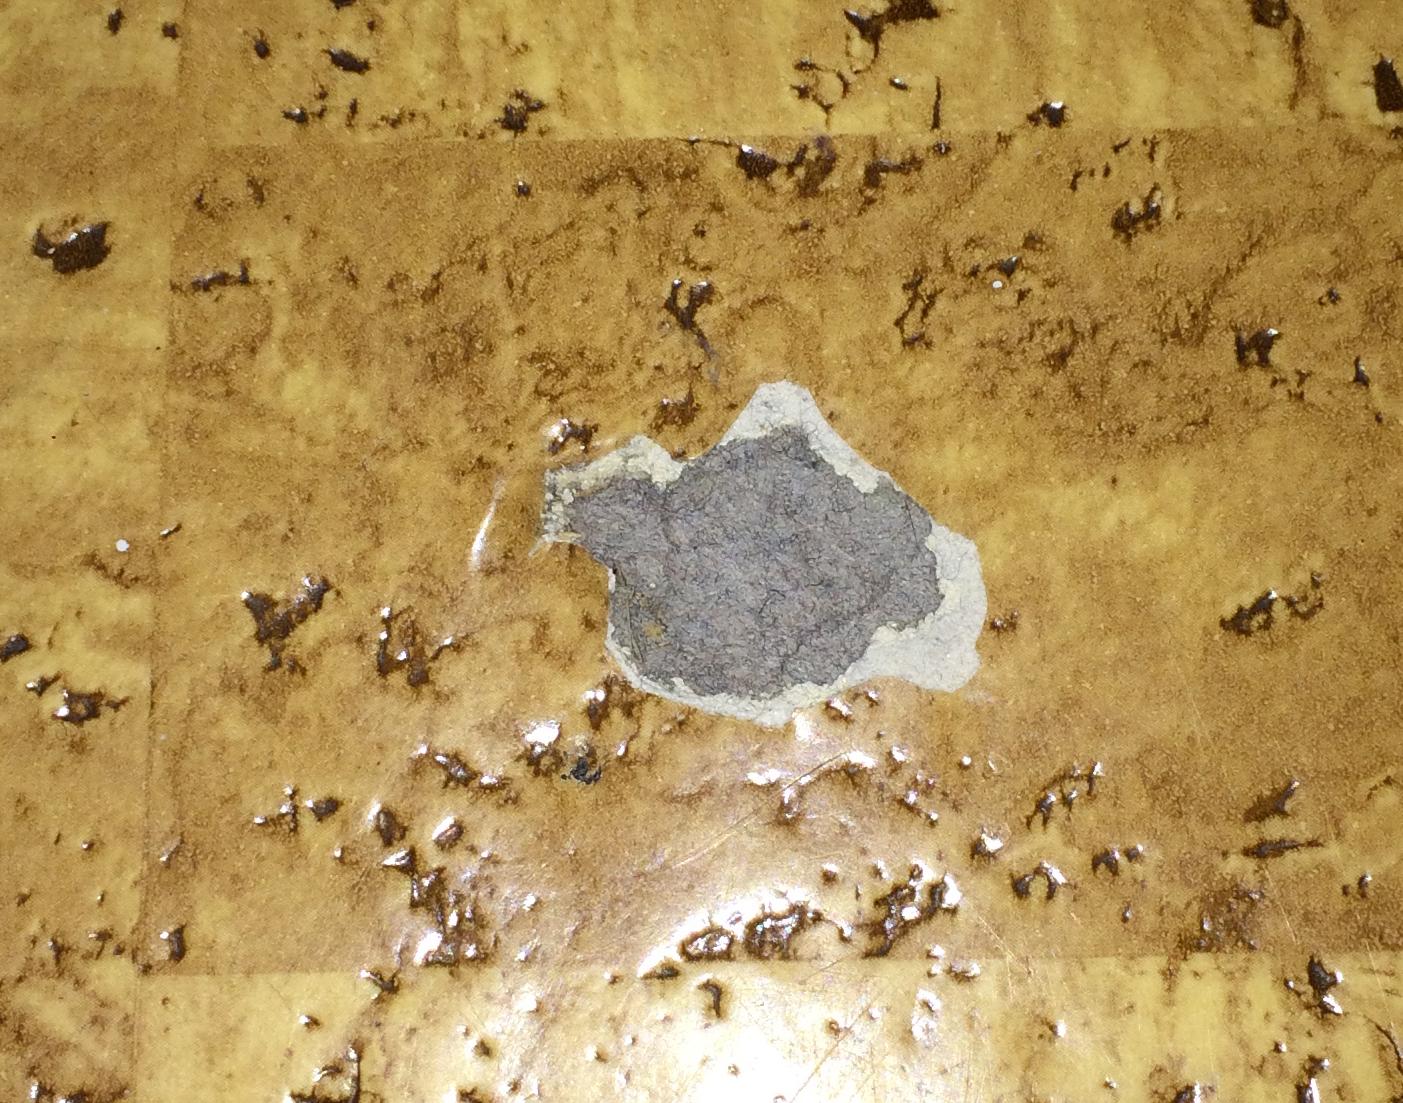 CushionVinyl mit Asbest? (Fussboden, Schadstoffe